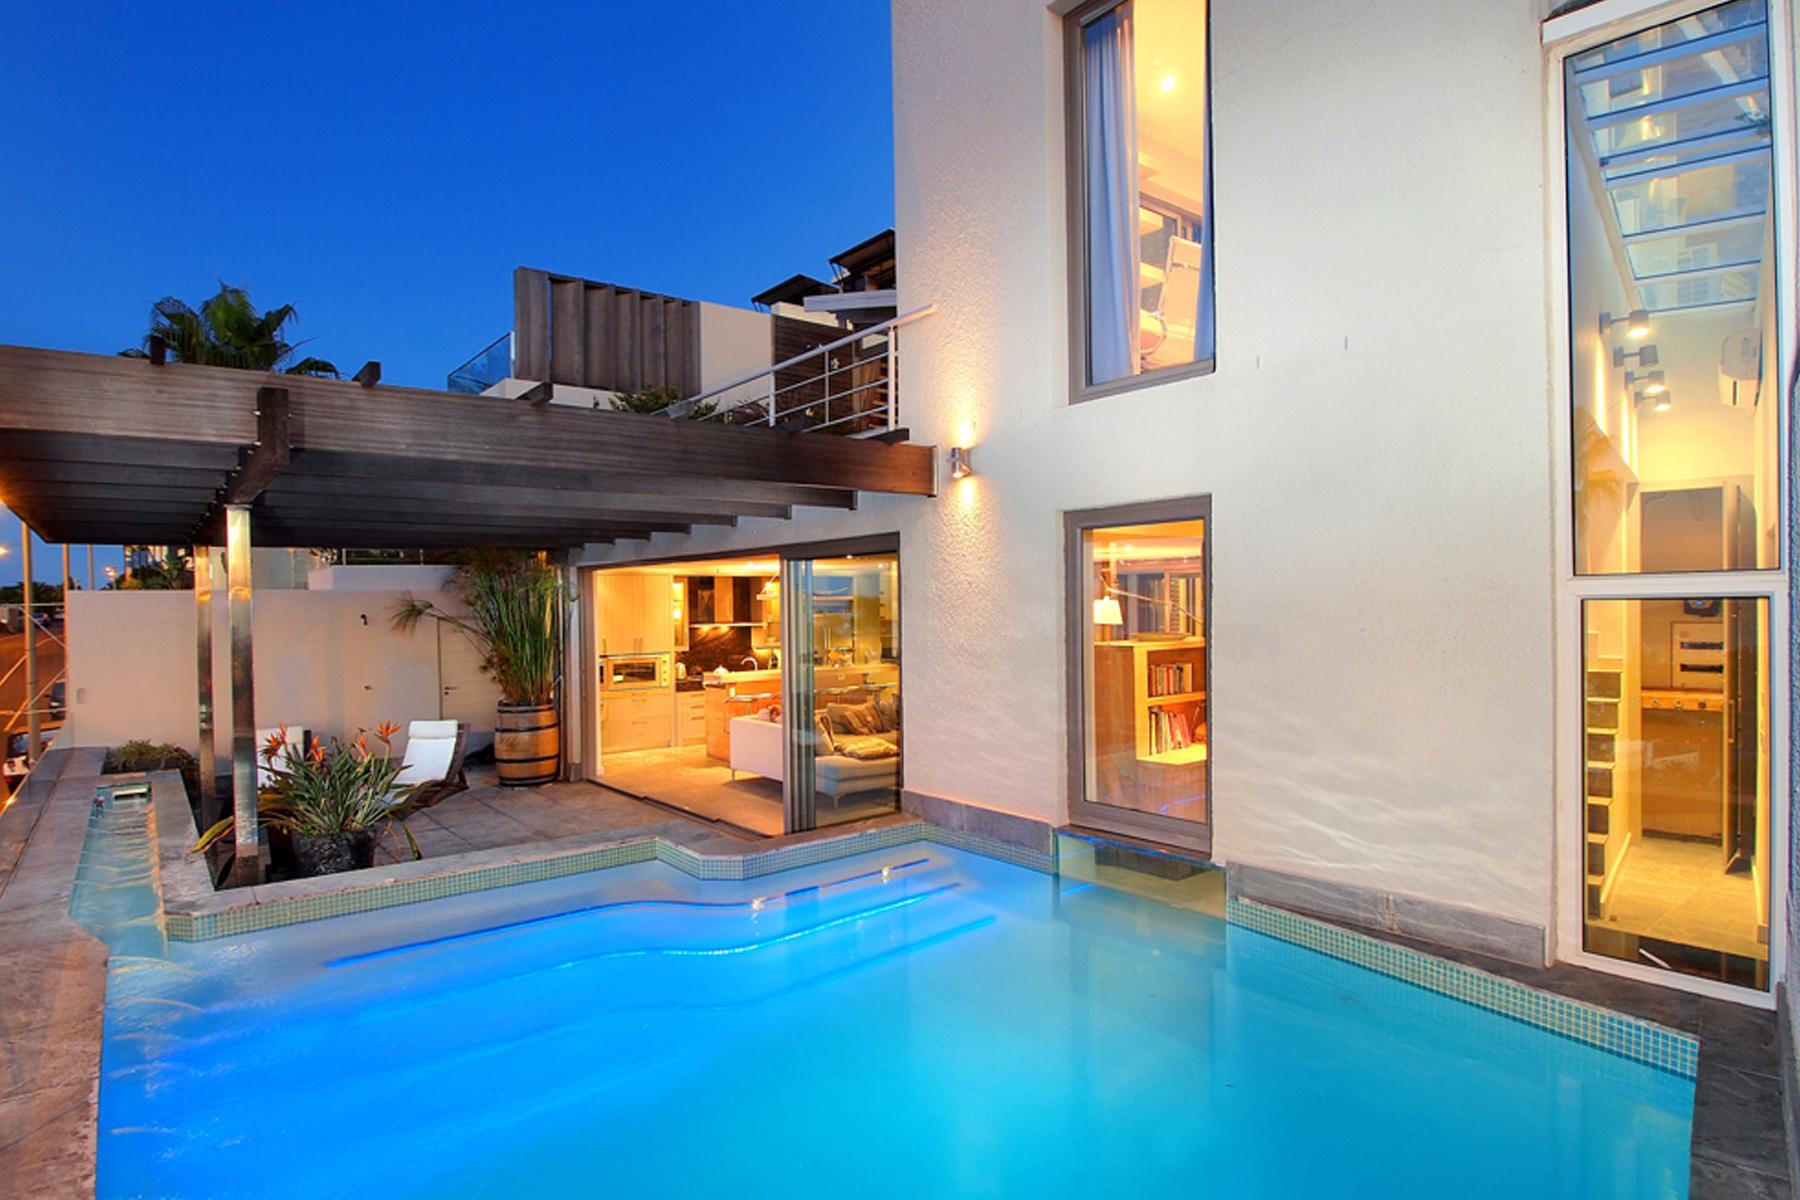 단독 가정 주택 용 매매 에 SLEEK STYLISH HOME FOR THE YOUNG AT HEART Cape Town, 웨스턴 케이프 8005 남아프리카